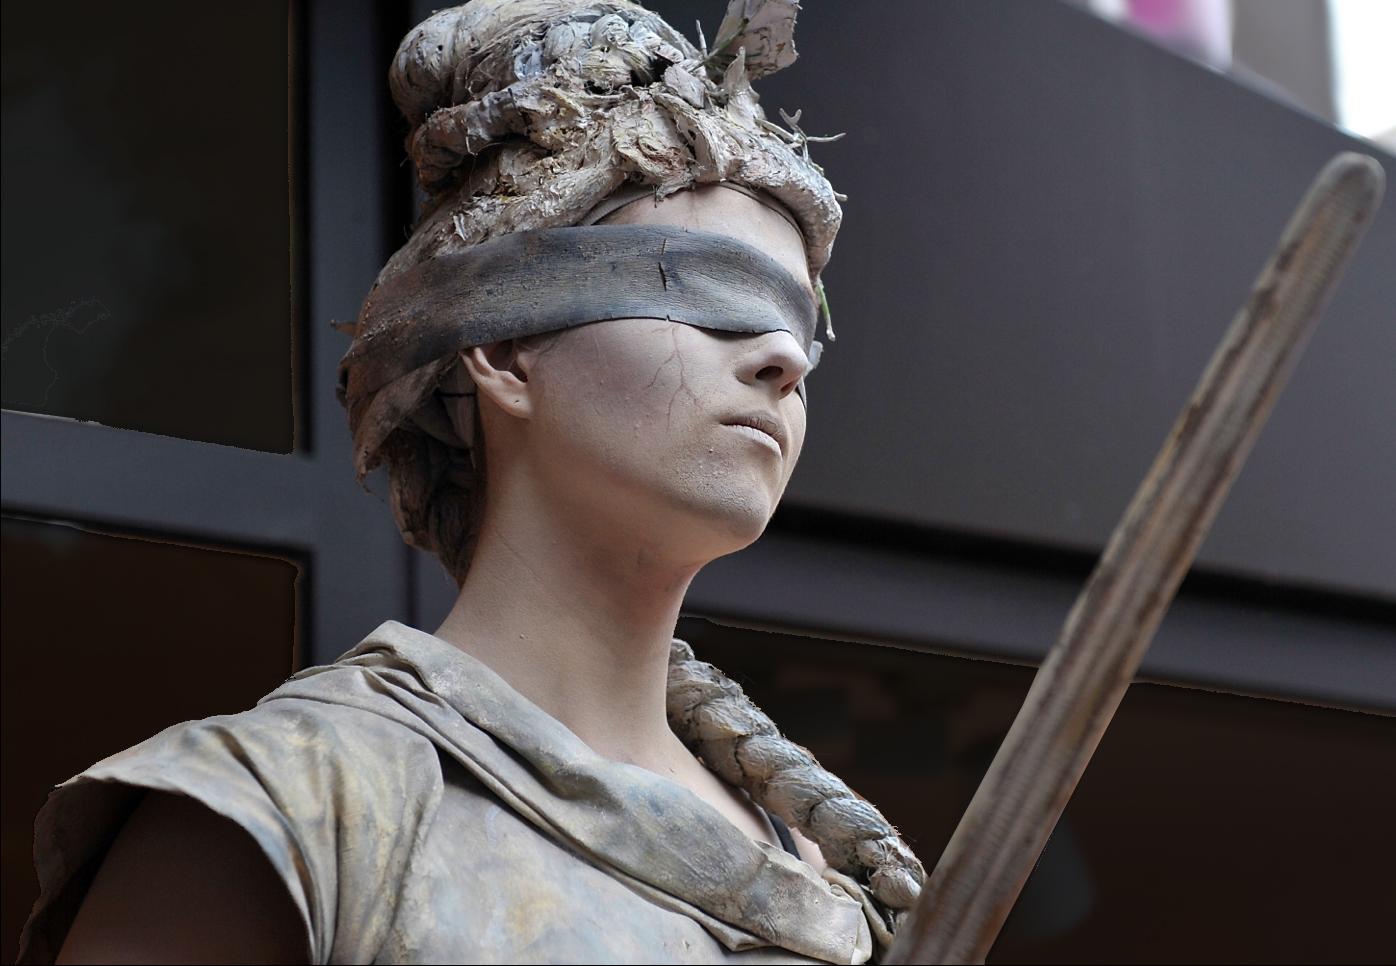 Misswirtschaft, Unterschlagung, Führungsversagen. Nun klärt das Arbeitsgericht Düsseldorf, ob dem Volkshochschulverband Schadenersatz zusteht. Foto: FaceMePLS / flickr (CC BY 2.0)